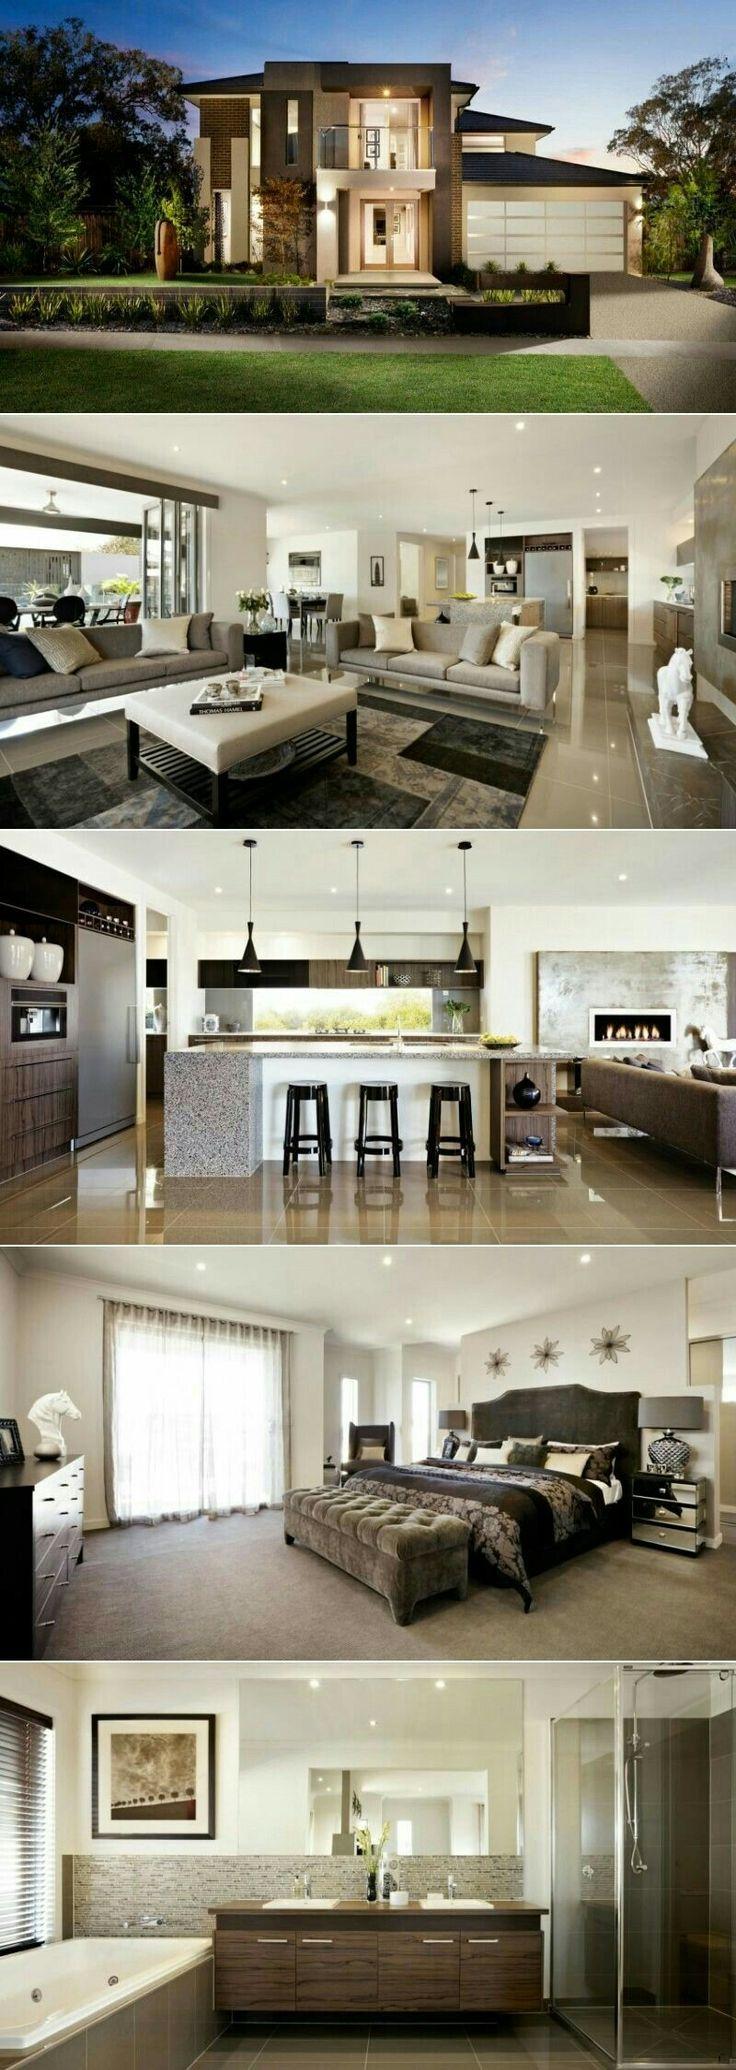 1387 besten dream home designs Bilder auf Pinterest | Moderne häuser ...